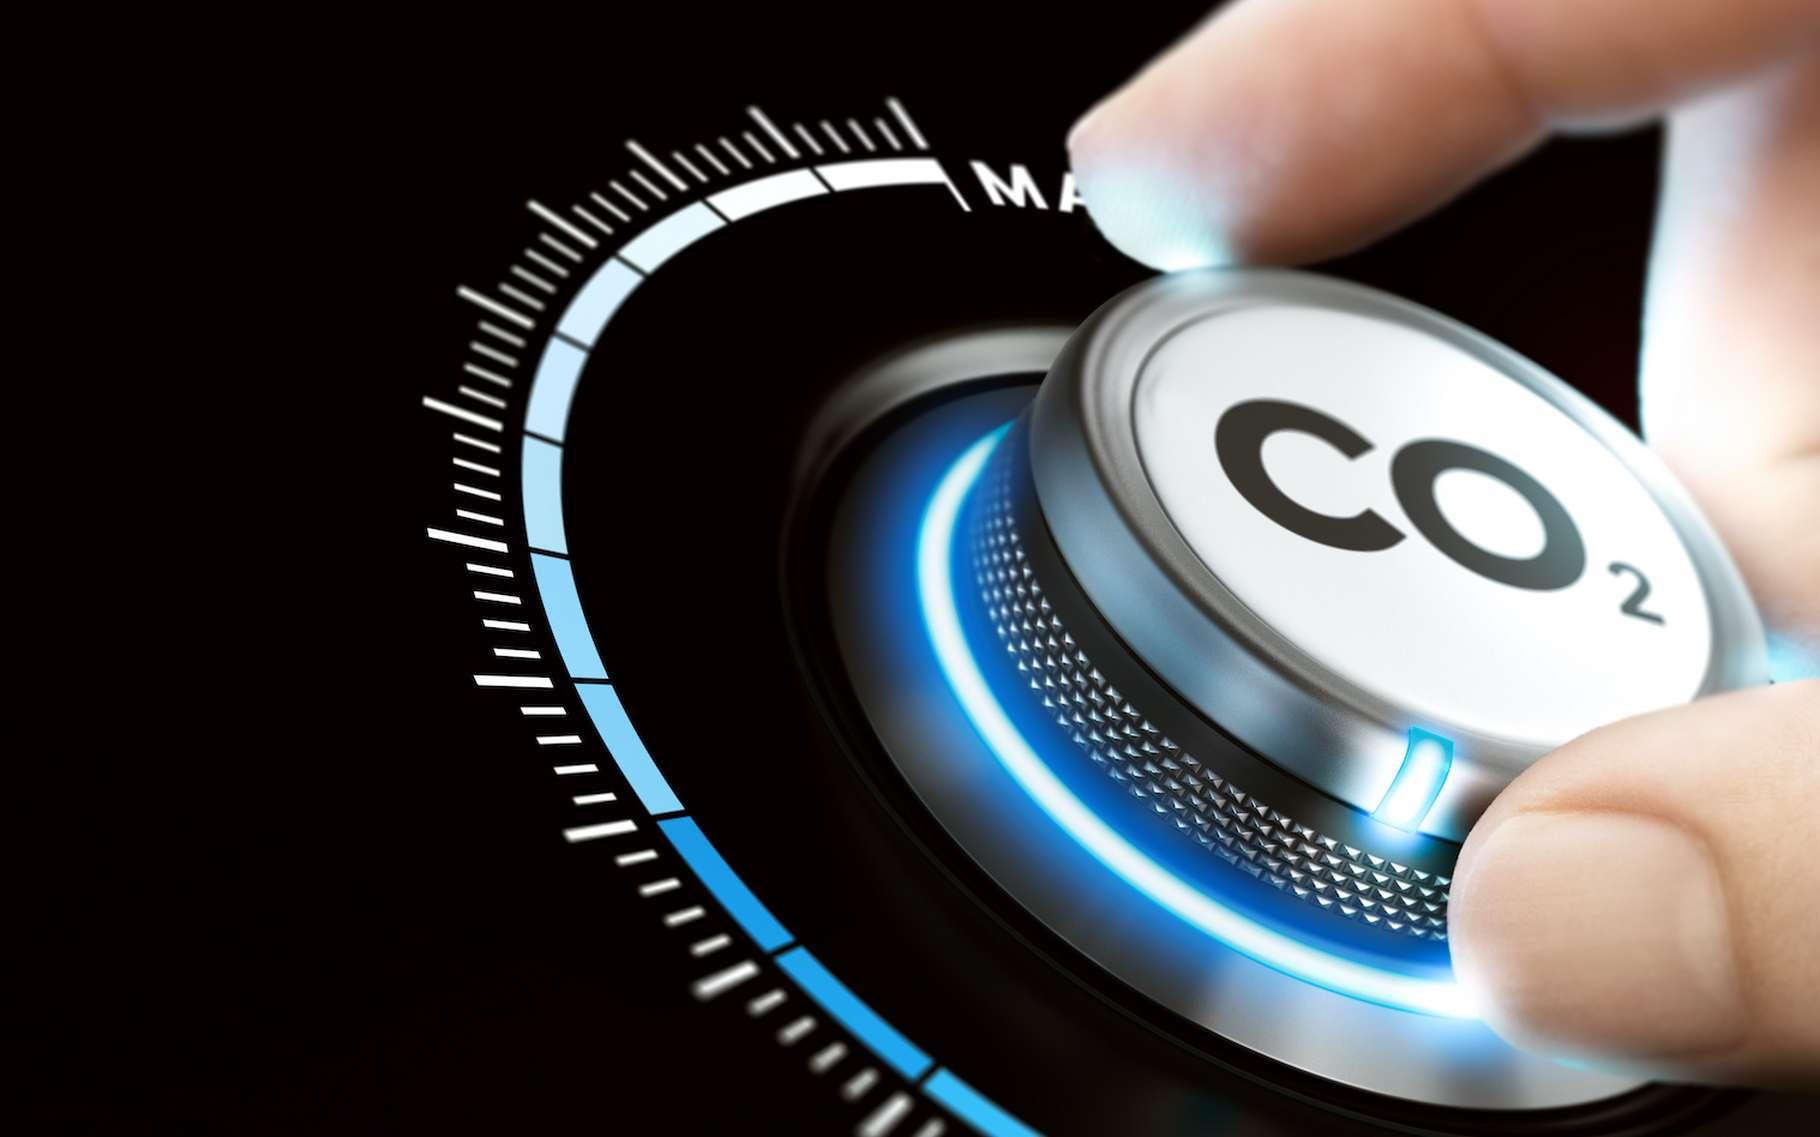 Malgré les mises en garde de la communauté scientifique, les émissions de gaz à effet de serre continuent d'augmenter. © Olivier Le Moal, Adobe Stock